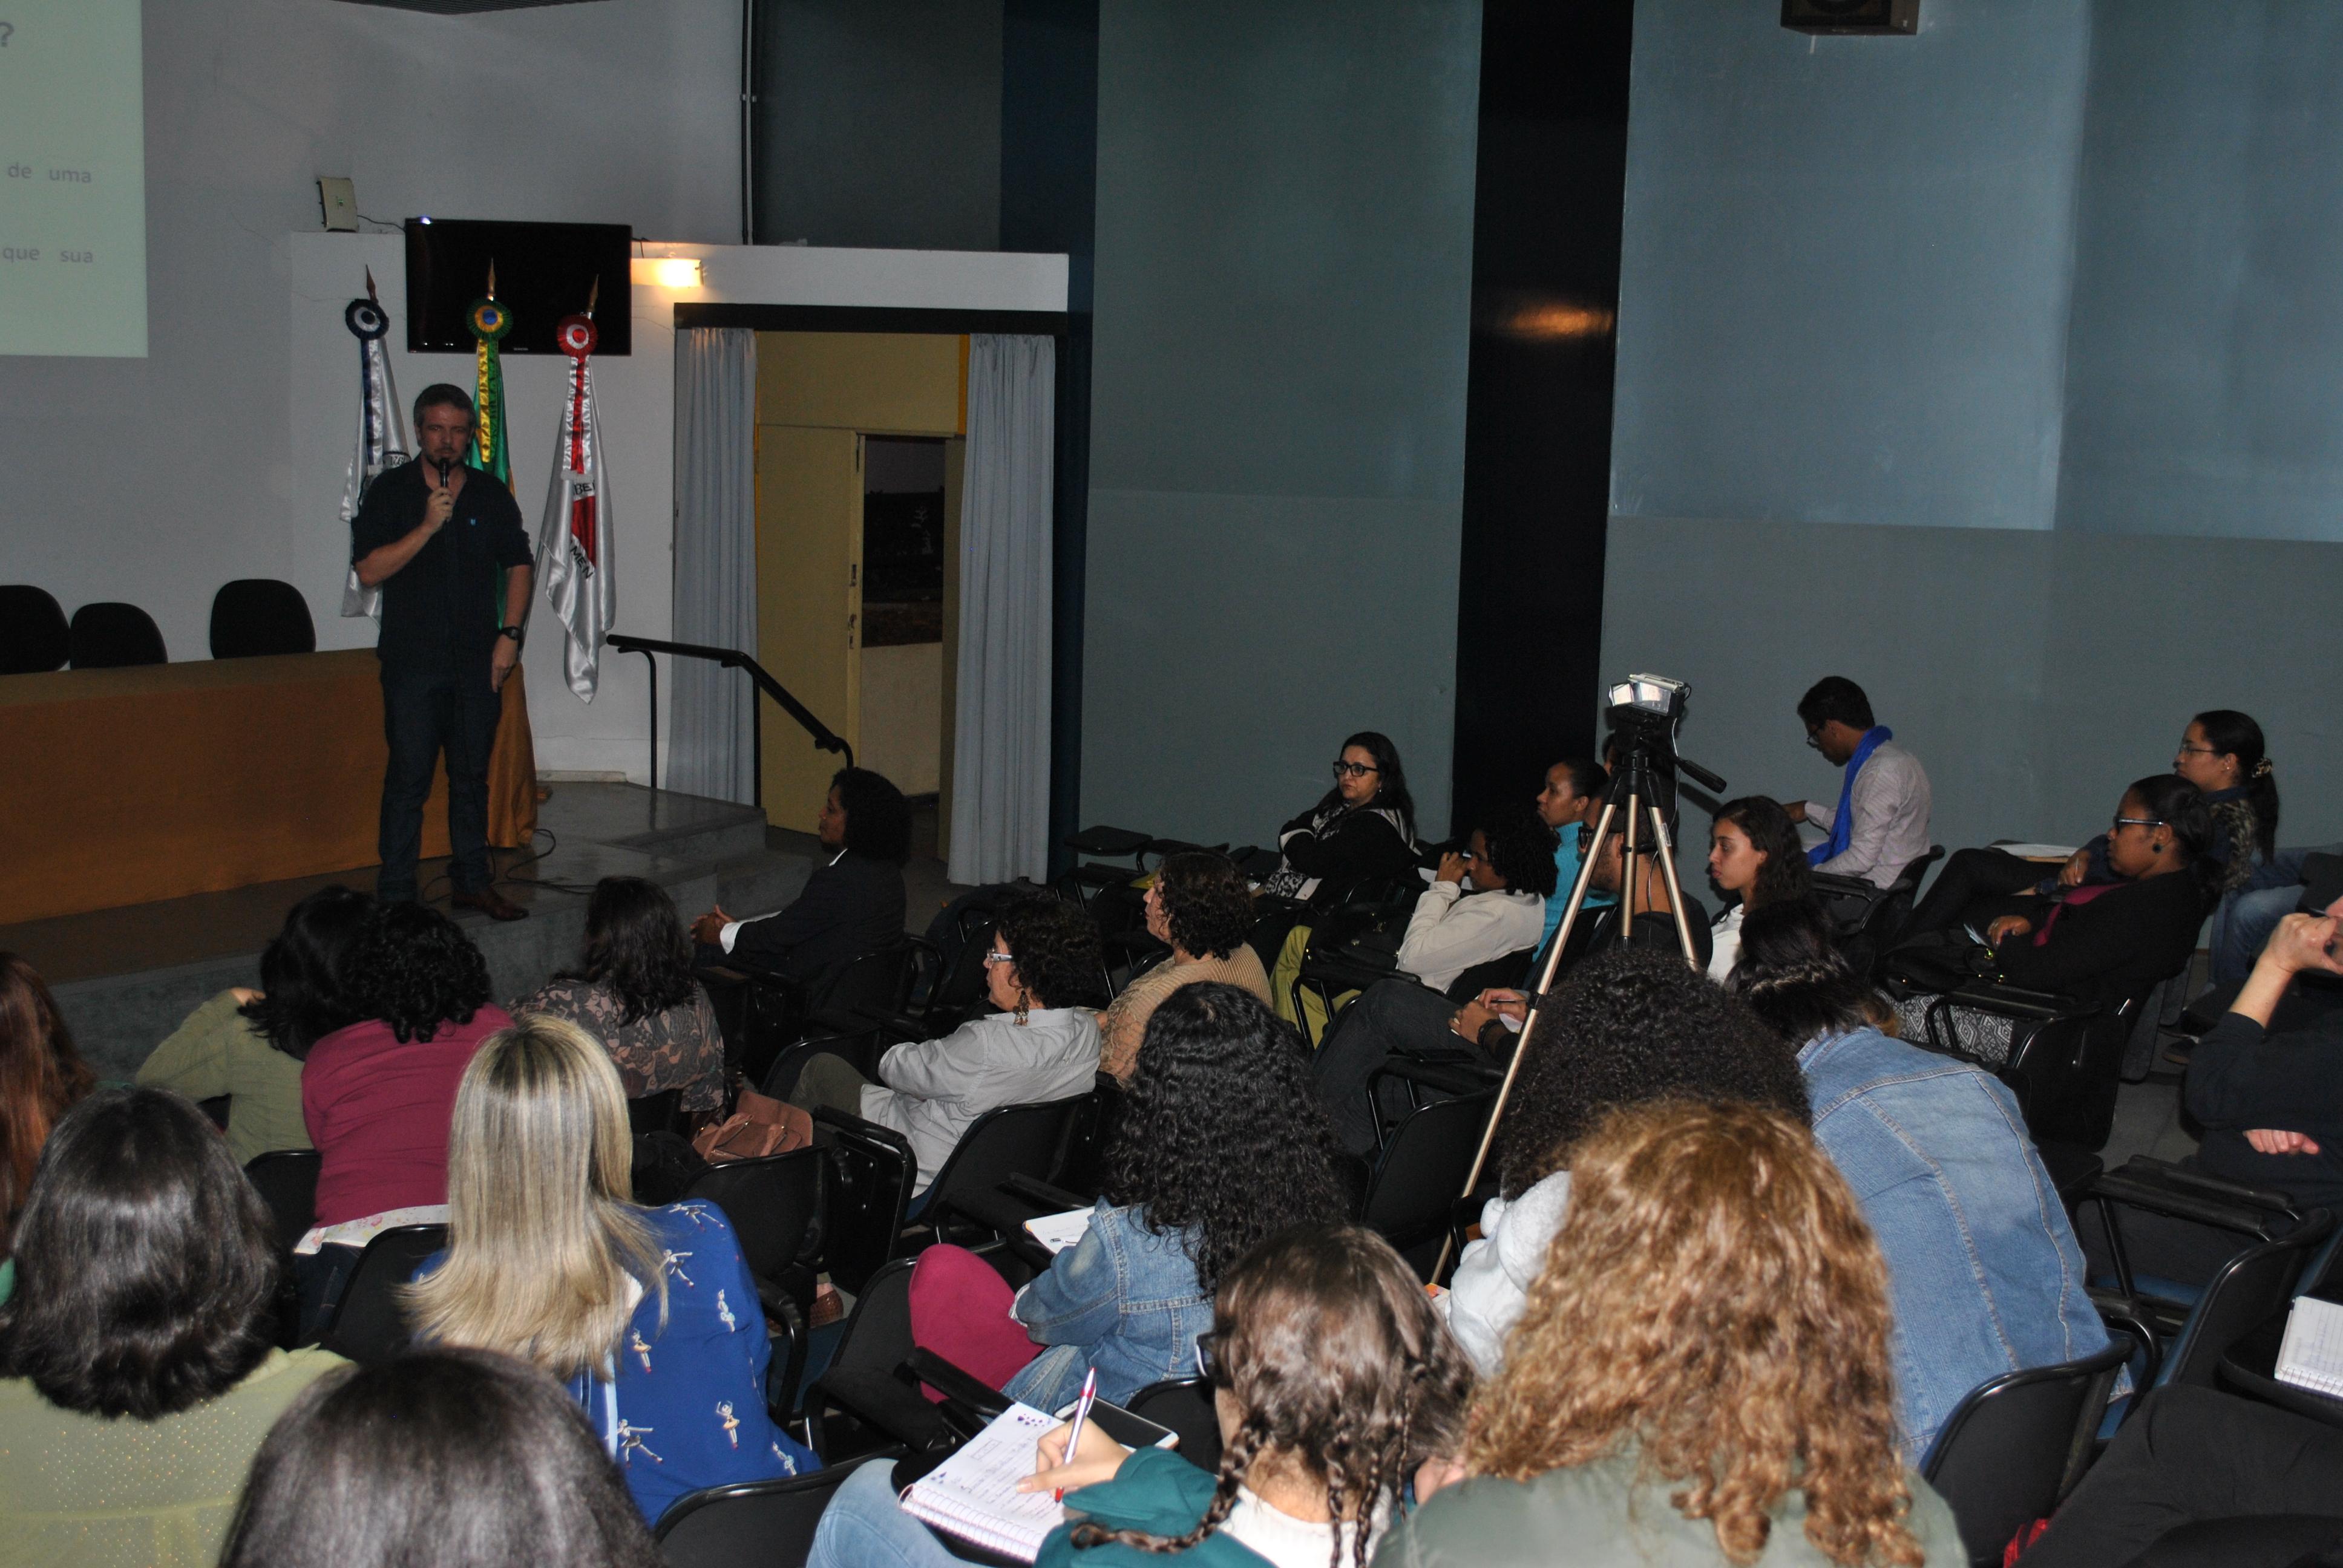 Palestra sobre Biblioteconomia escolar e perspectivas curriculares foi ministrada pelo bibliotecário Eduardo Valadares (Foto: Fabiana Senna)